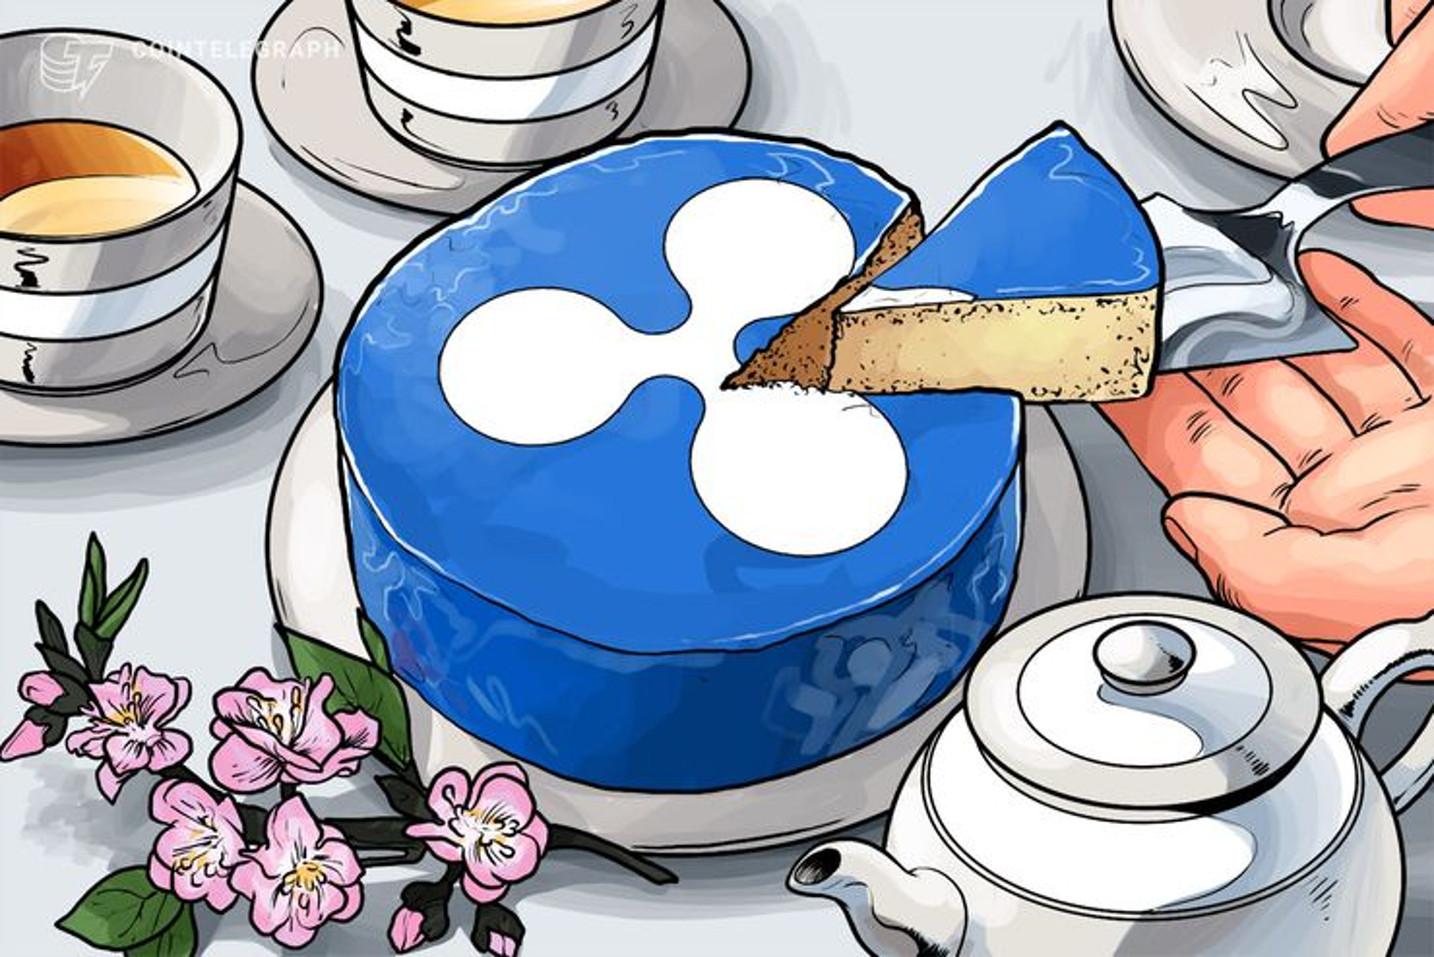 リップルが中東UAEの大手銀行と提携 ドバイ拠点のフジャイラ国立銀行